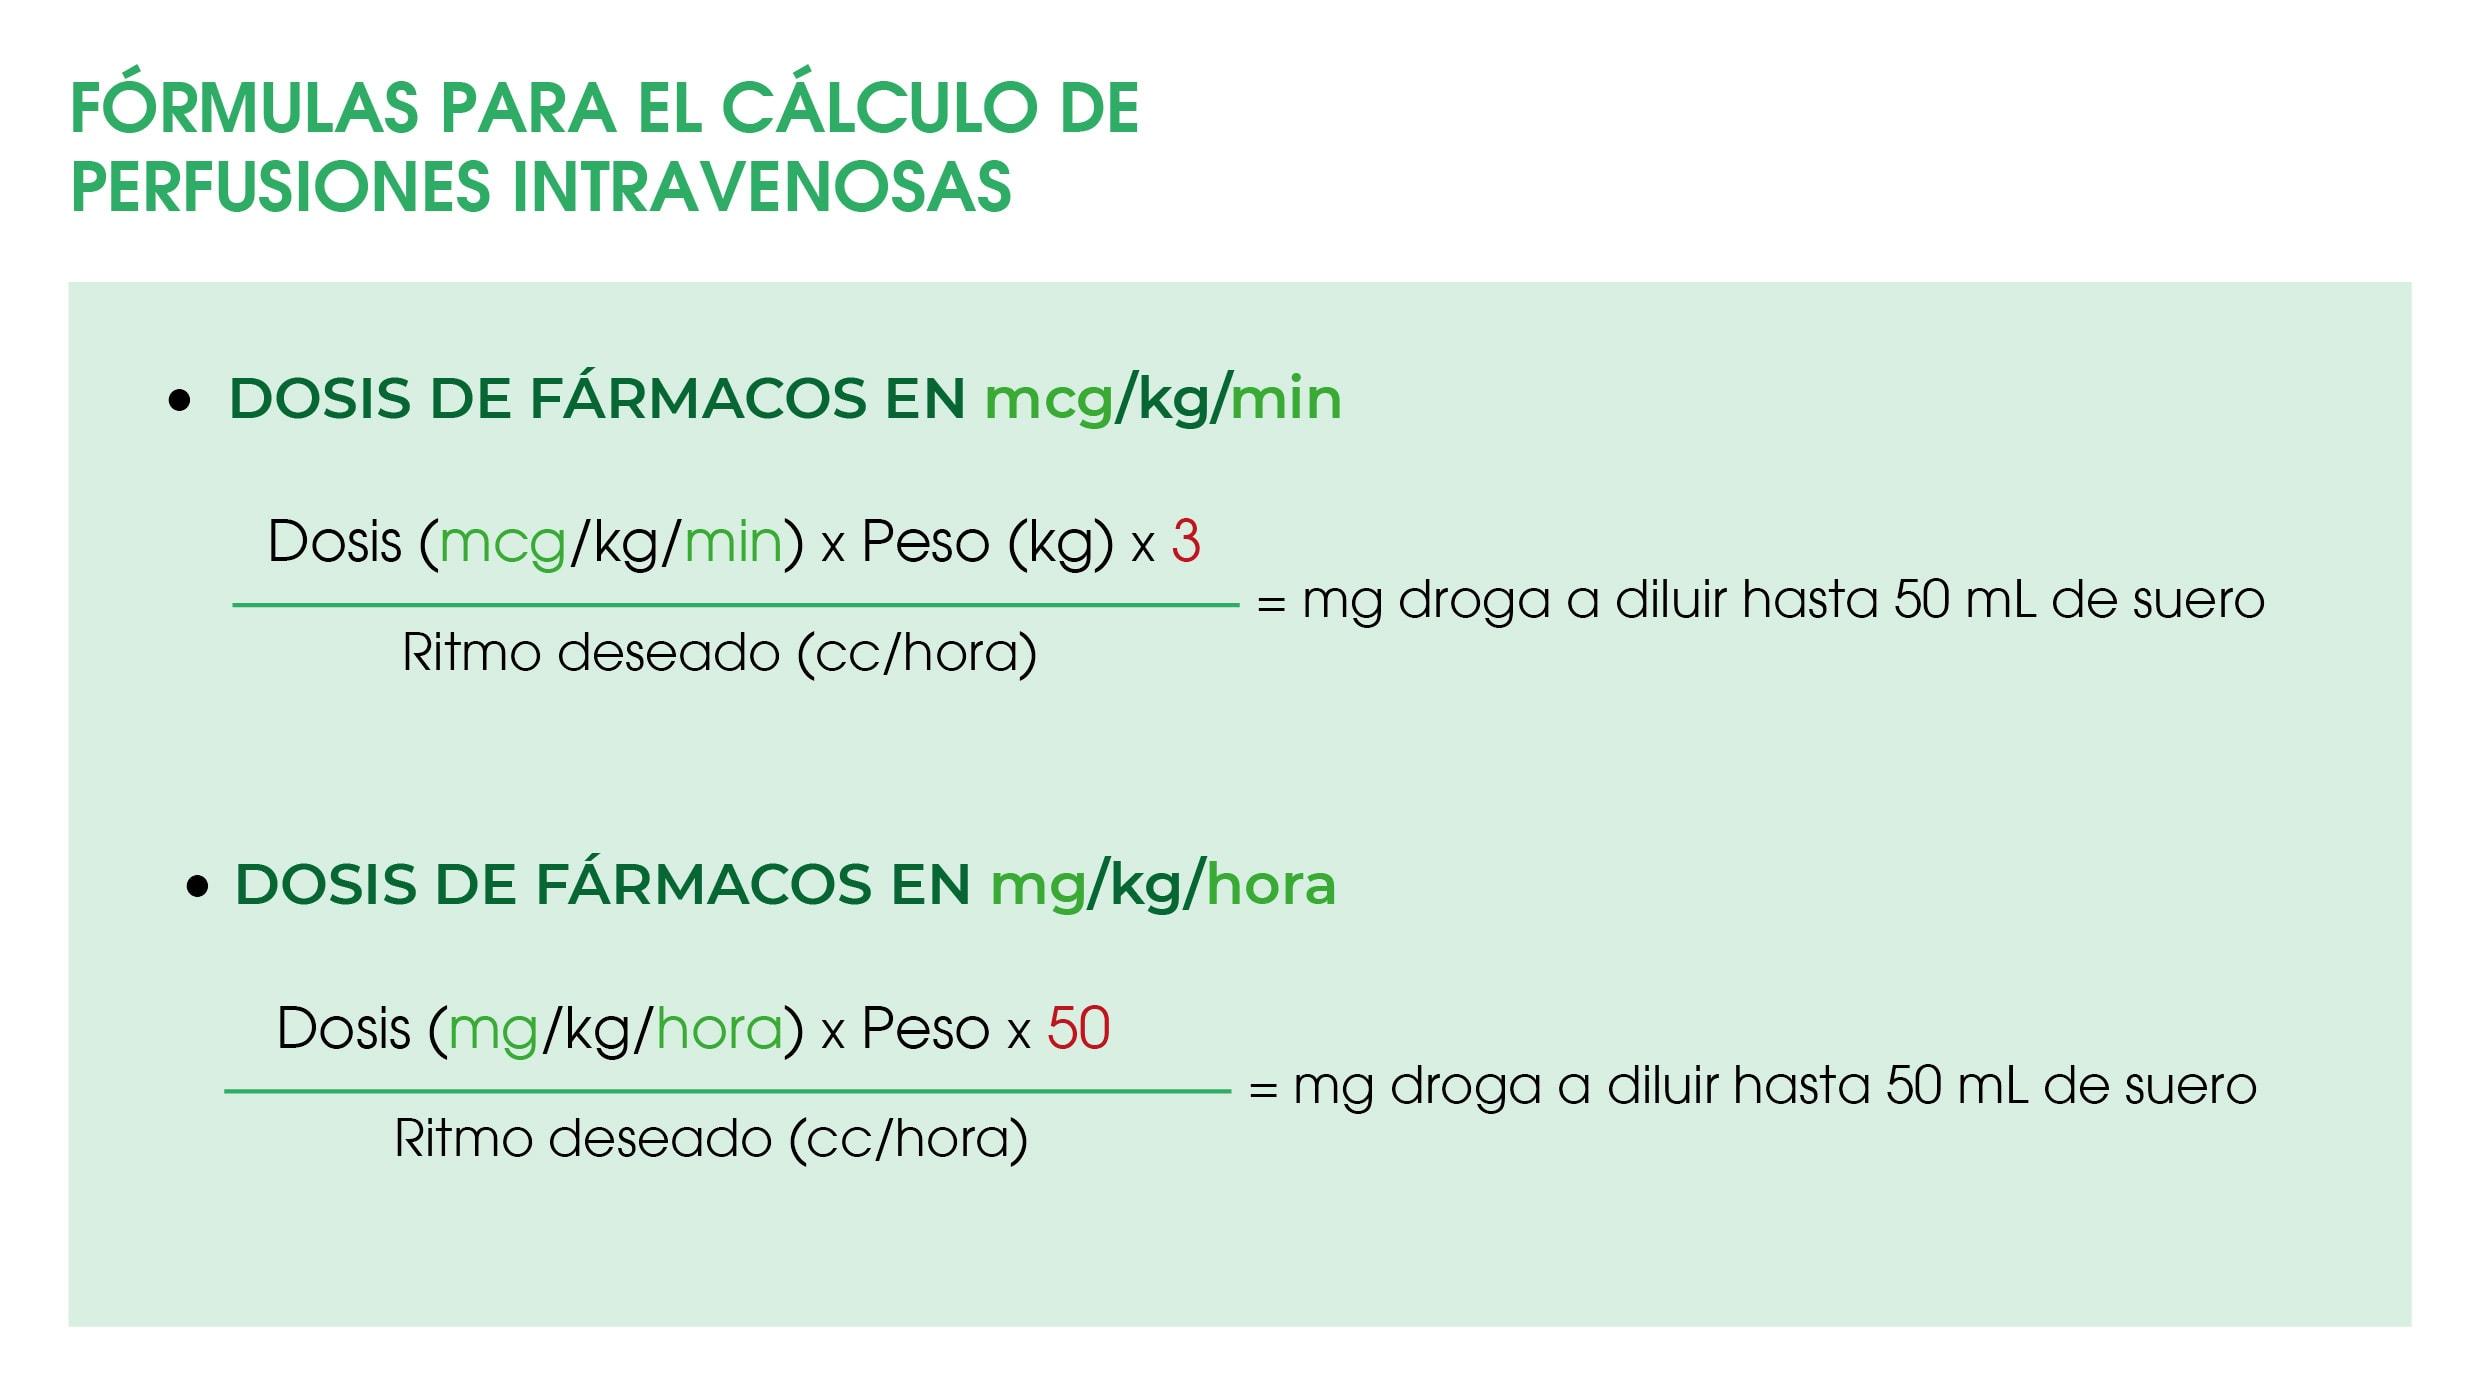 Fórmulas cálculo perfusiones intravenosas